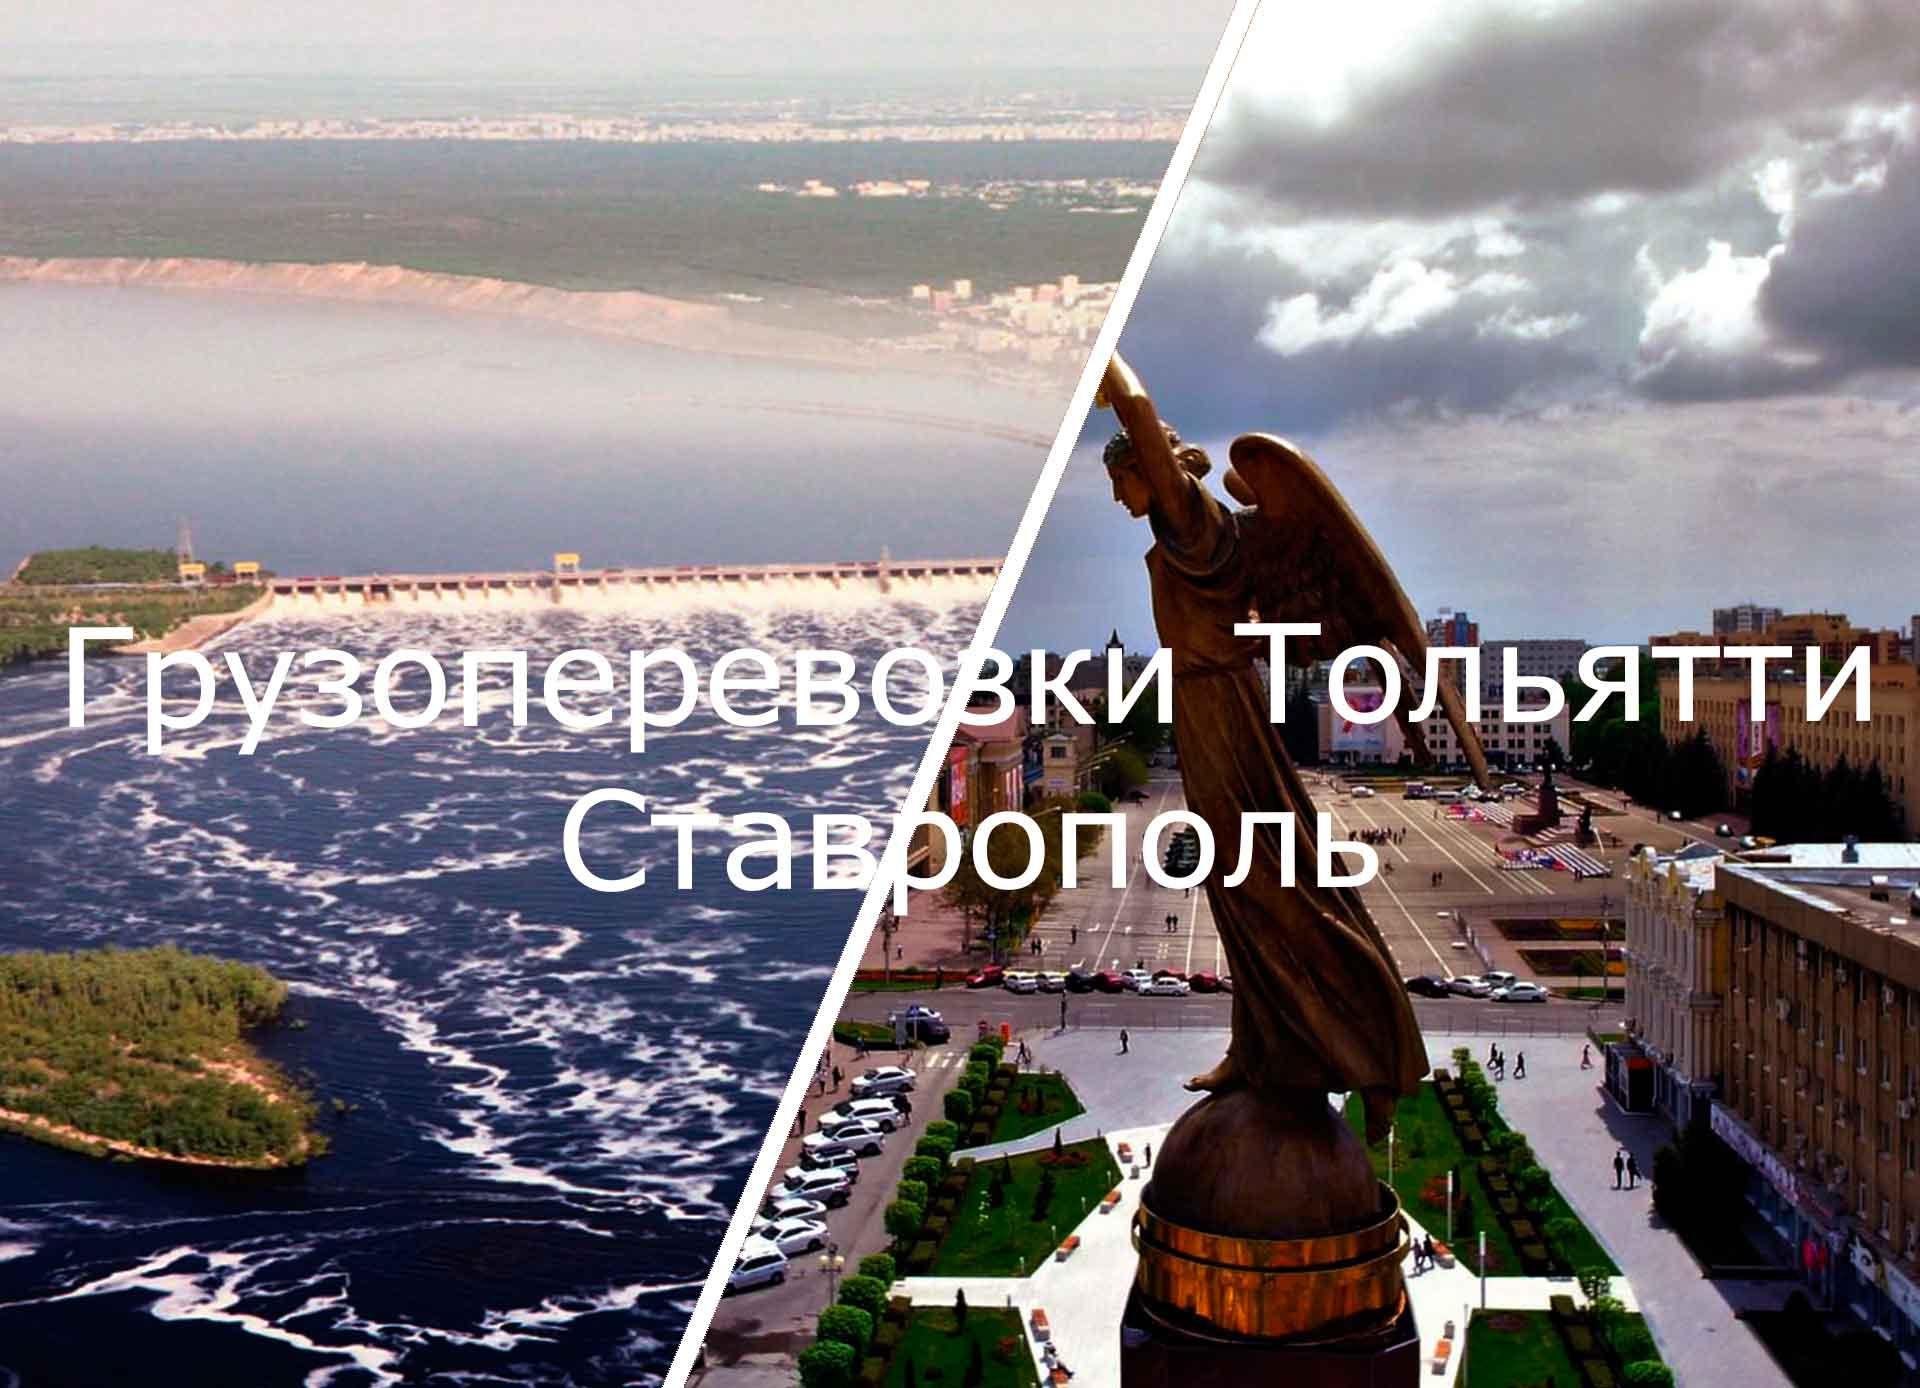 грузоперевозки тольятти ставрополь